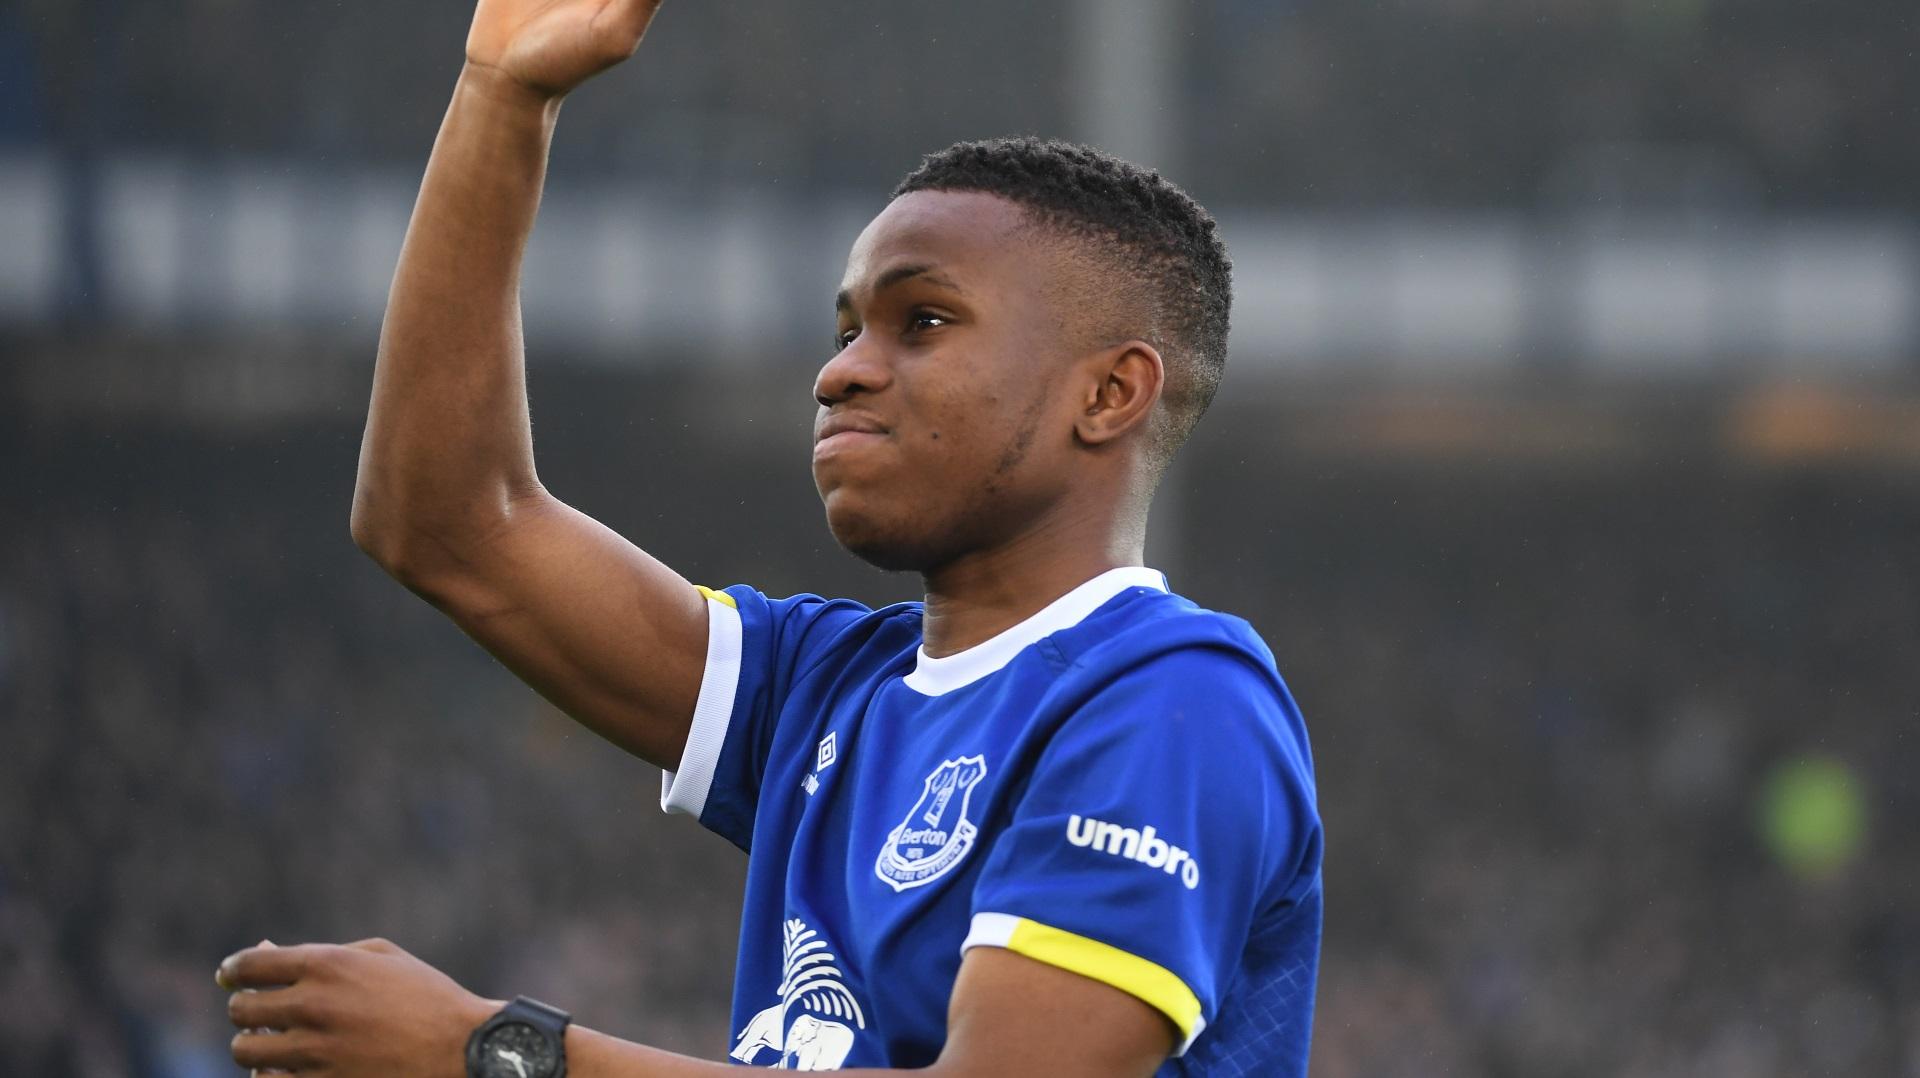 Fußball: RB Leipzig leiht Lookman vom FC Everton aus